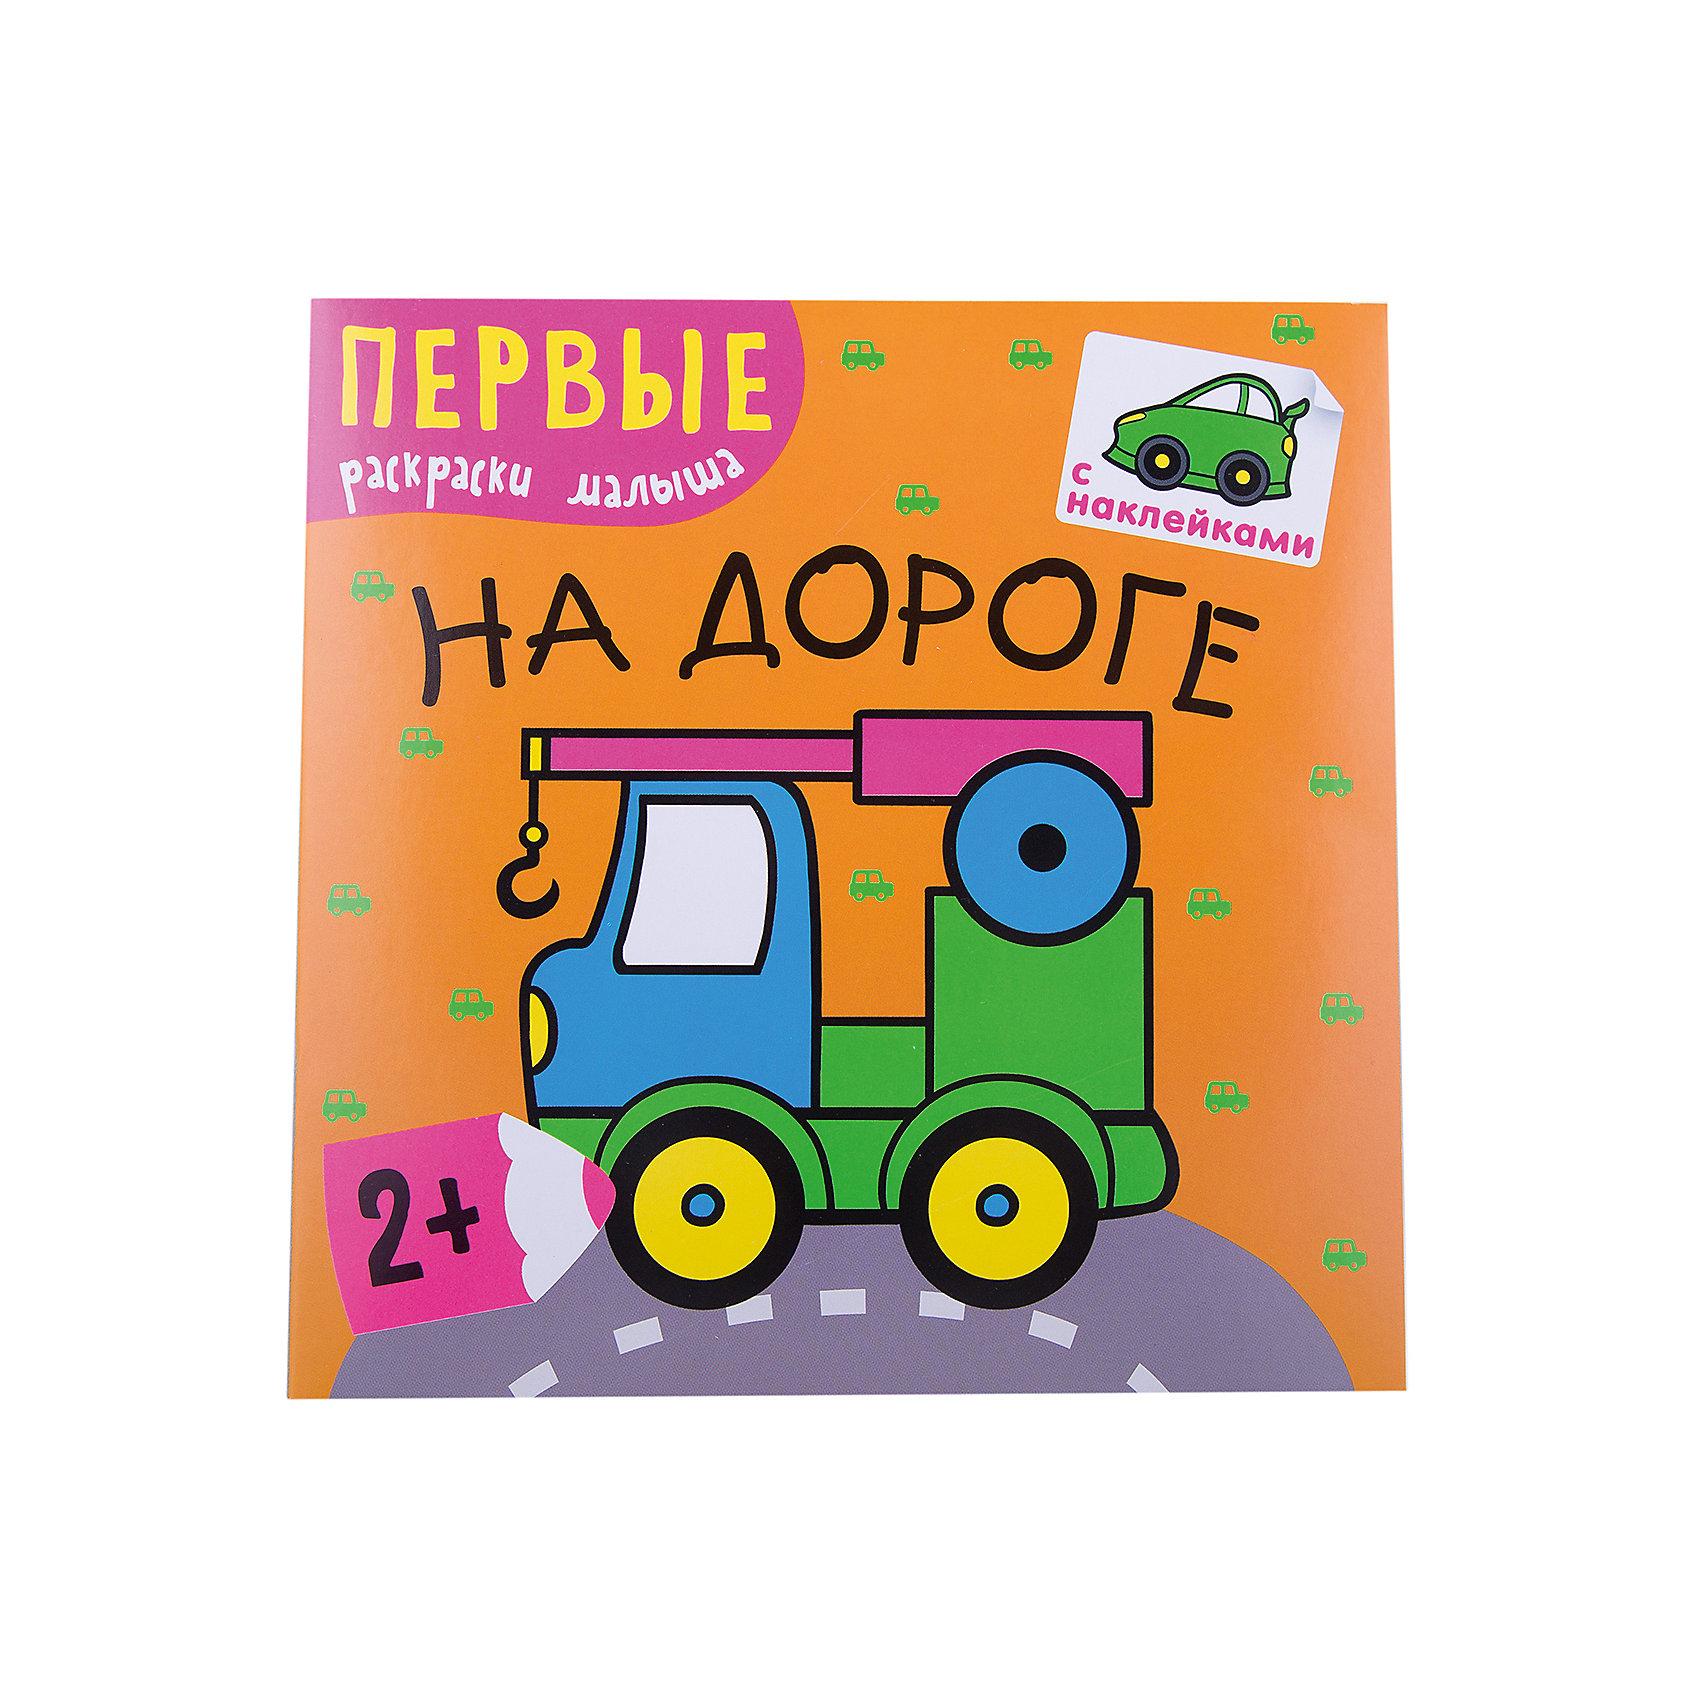 На дороге, Первые раскраски малышаХарактеристики книги На дороге: <br><br>• возраст: от 2 лет<br>• пол: для мальчиков<br>• ISBN: 9785431502187<br>• материал: бумага<br>• количество страниц: 24 (офсет)<br>• размер книжки: 22.5х22.5х0,2 см.<br>• масса: 78 гр.<br>• тип обложки: мягкая.<br>• иллюстрации: цветные.<br>• редактор: Ю. Парахина.<br>• бренд: Мозаика-Синтез<br>• страна обладатель бренда: Россия.<br><br>Раскраска для маленьких детей предлагает простые рисунки с крупными фрагментами и толстыми контурами, которые малышу придется раскрашивать или дополнять при помощи наклеек. Рисунки подписаны названиями предметов (а именно траспортных средств, соответственно теме издания), на них изображенных. Для развития восприятия формы, цвета, а также ловкости пальцев, раскраски чрезвычайно полезны.<br><br>Раскраску На дороге - первые раскраски малыша издательства Мозаика-Синтез можно купить в нашем интернет-магазине.<br><br>Ширина мм: 3<br>Глубина мм: 225<br>Высота мм: 225<br>Вес г: 82<br>Возраст от месяцев: 24<br>Возраст до месяцев: 48<br>Пол: Мужской<br>Возраст: Детский<br>SKU: 5362851